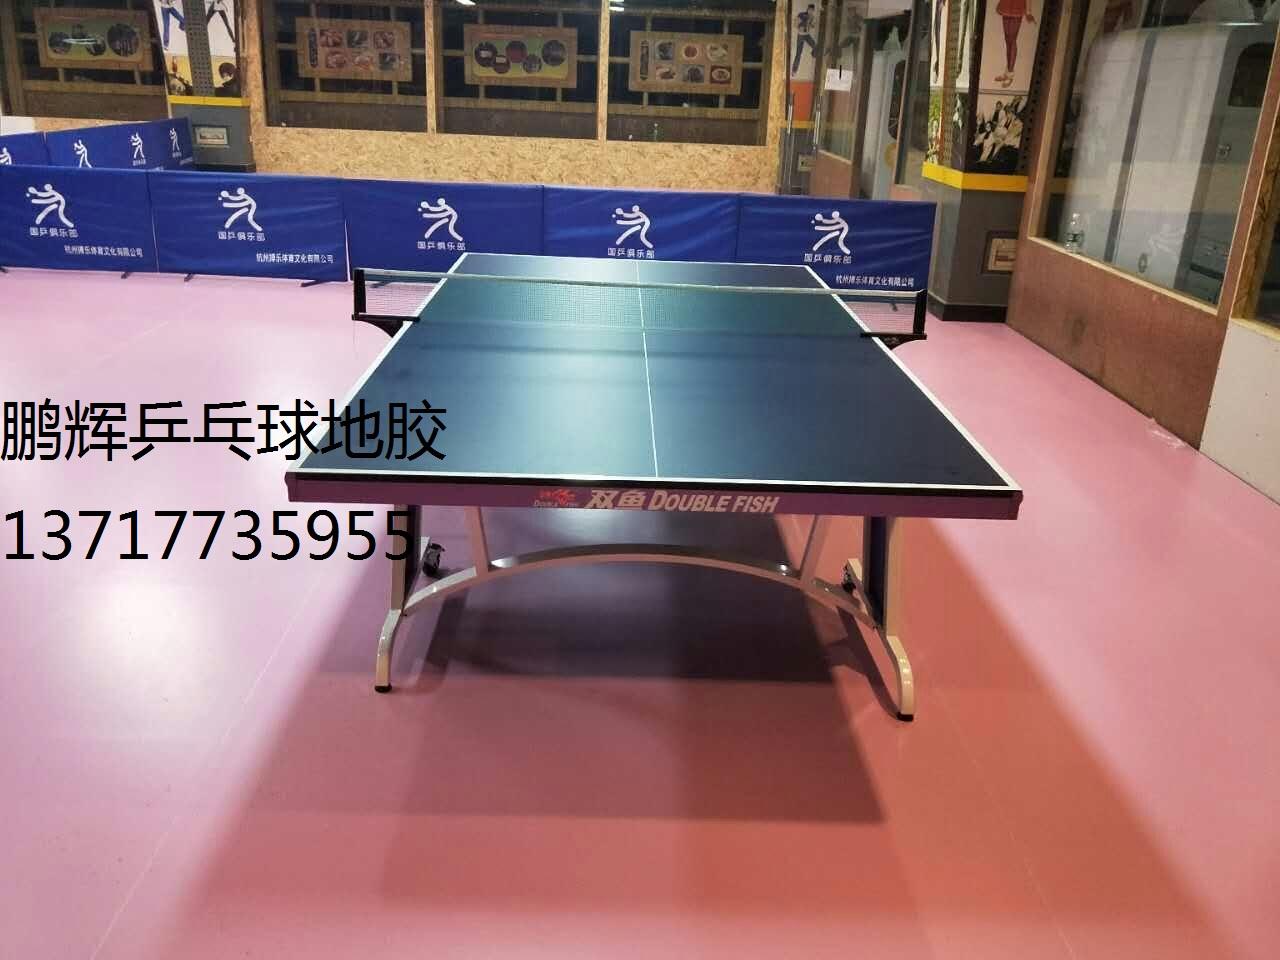 专用运动地板,运动地板铺乒乓球室,乒乓球地板-- 北京东方鹏辉科技有限公司